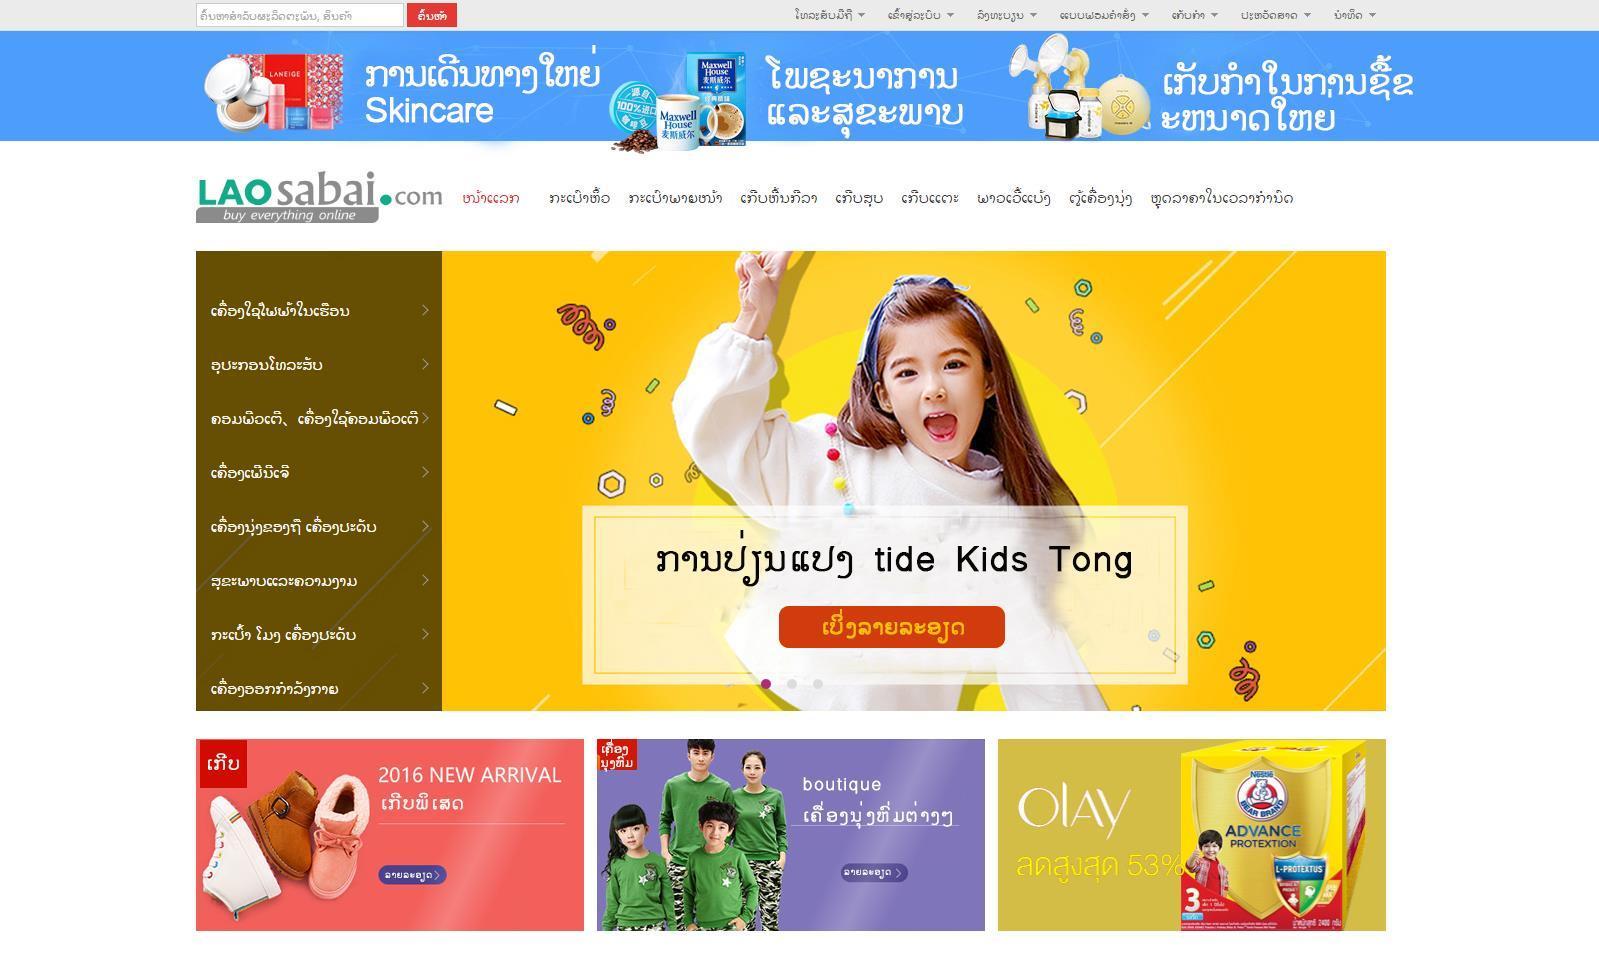 老挝跨境电商网